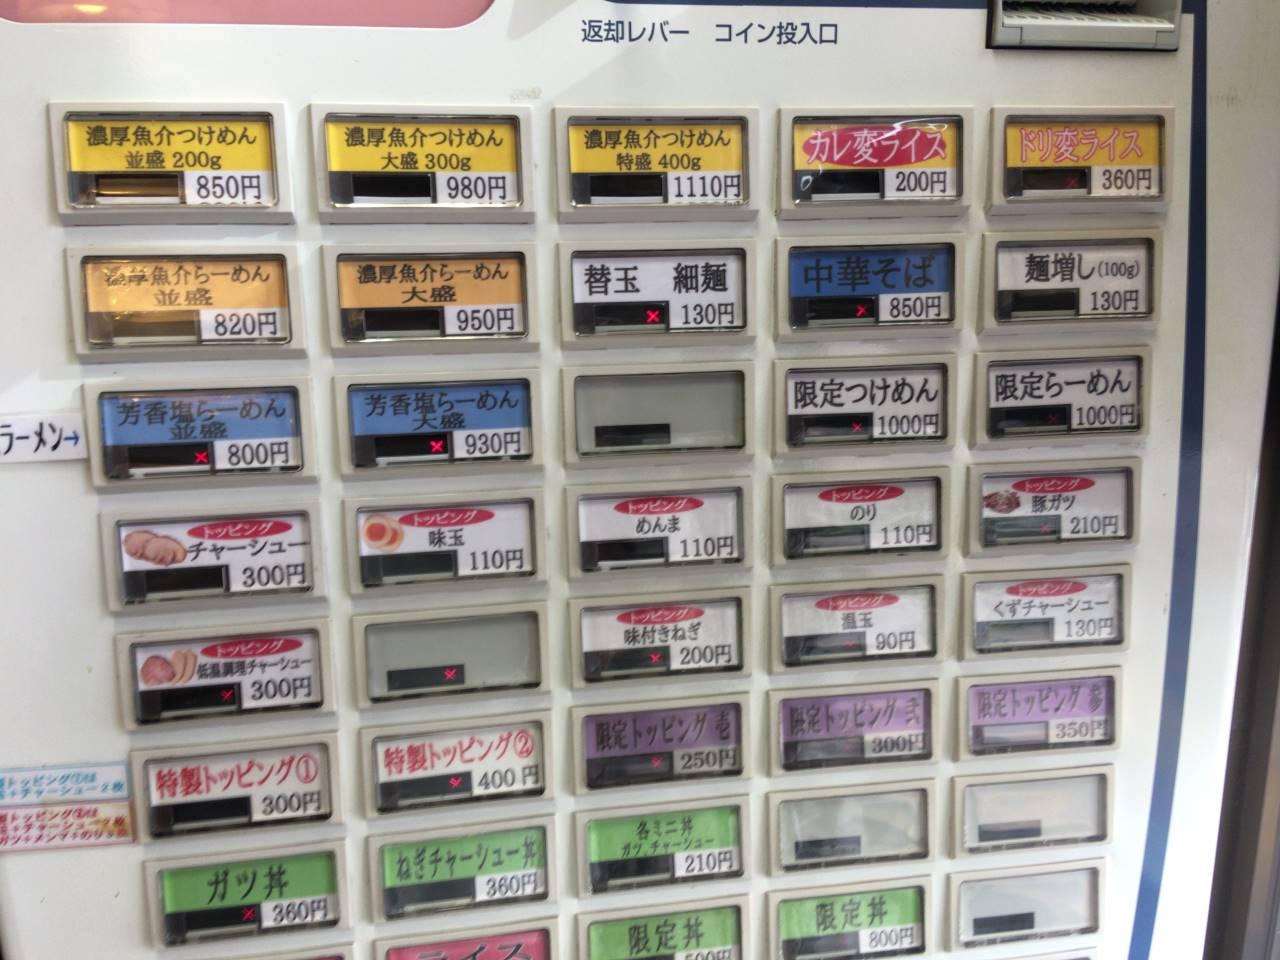 麺屋頂 中川會の券売機1